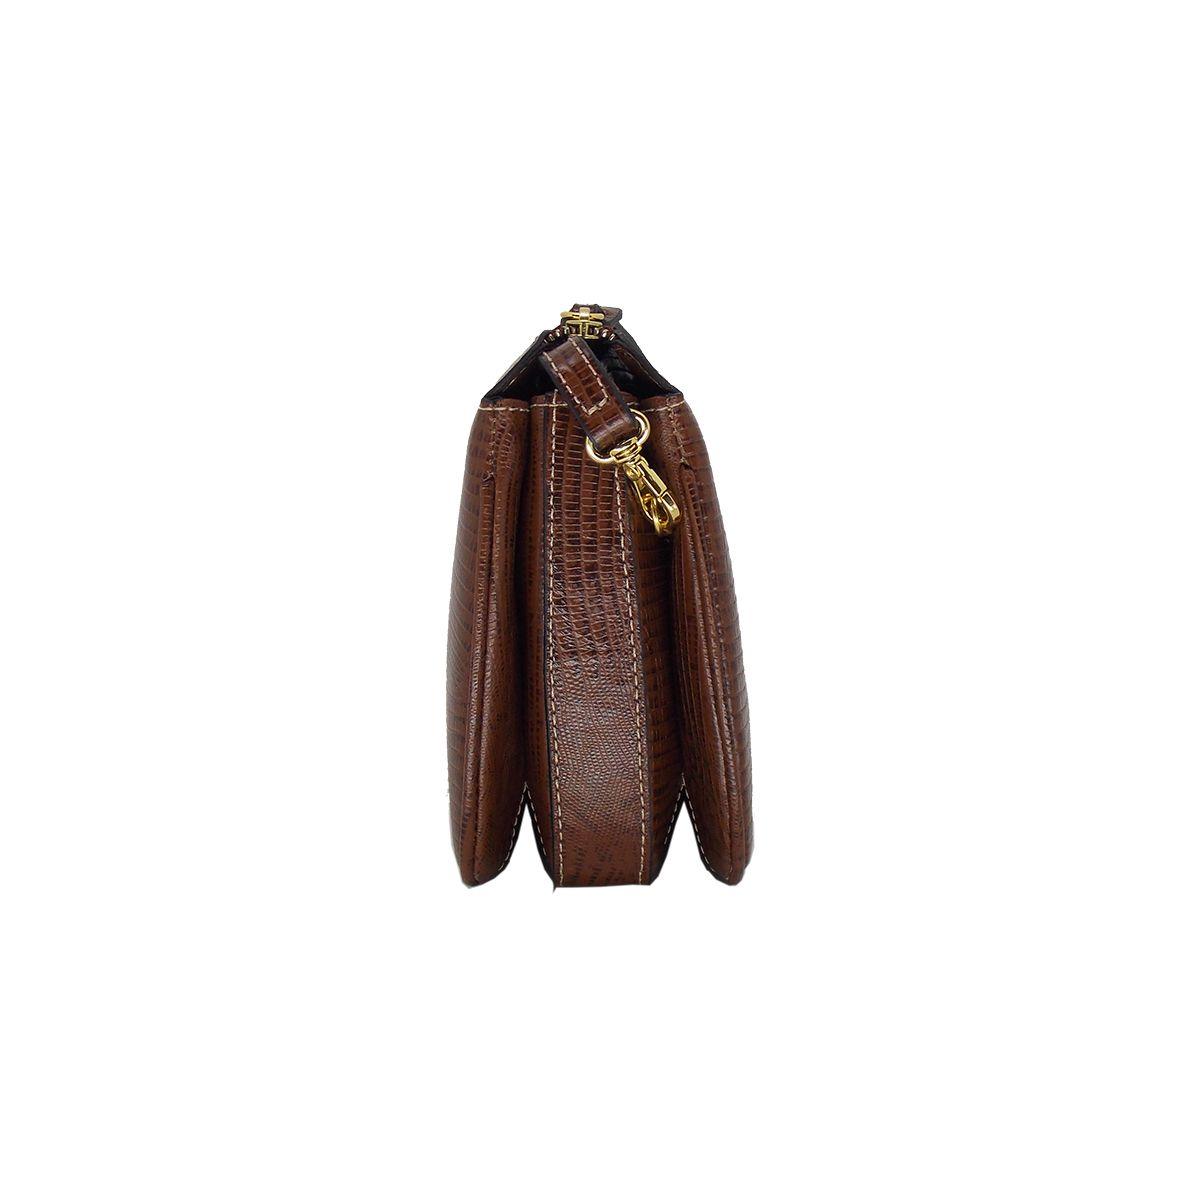 Bolsa Transversal de Couro Legítimo Chocolate - Colatto